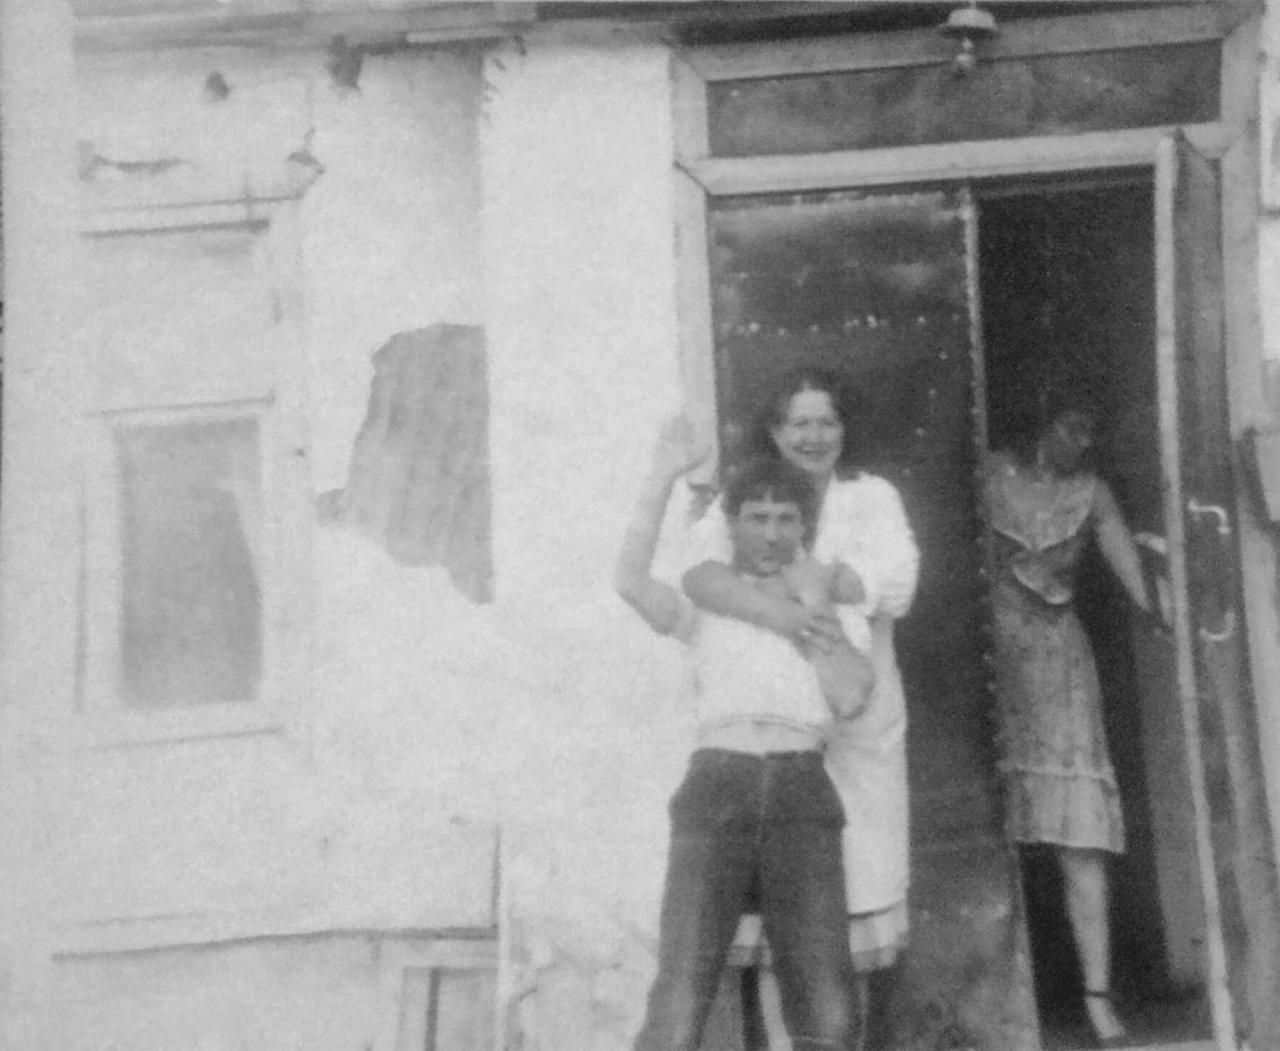 Посёлок Горняцкий. На крыльце магазина. Моя мама работала здесь, она в дверях магазина. Фото от Юлии Ильиной.